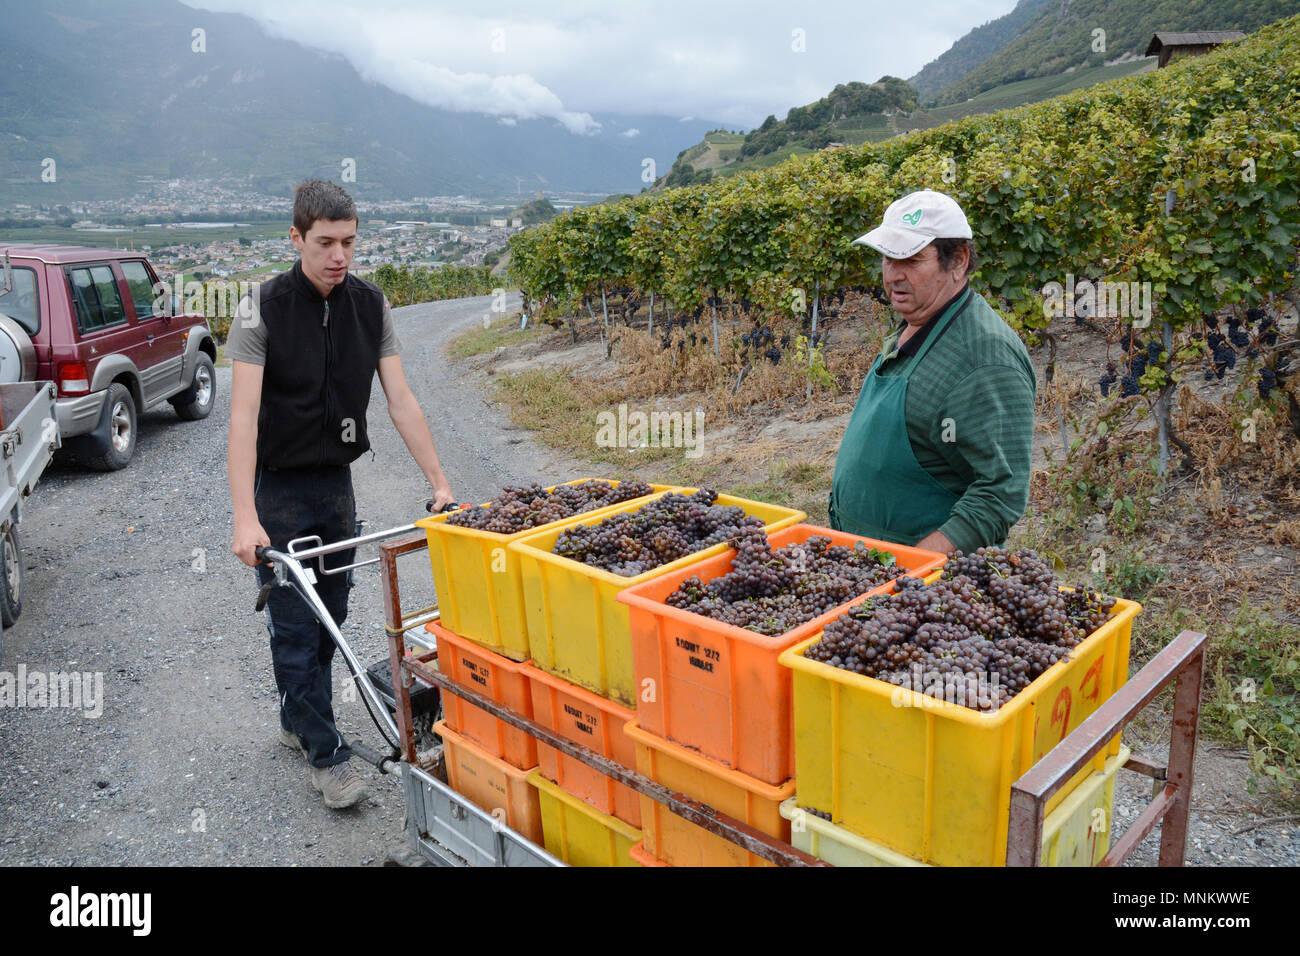 Bacs de vendangeurs et rempli de raisins rouges dans un vignoble durant la saison des récoltes, près de Chamoson, vallée du Rhône, Canton du Valais, Suisse. Photo Stock